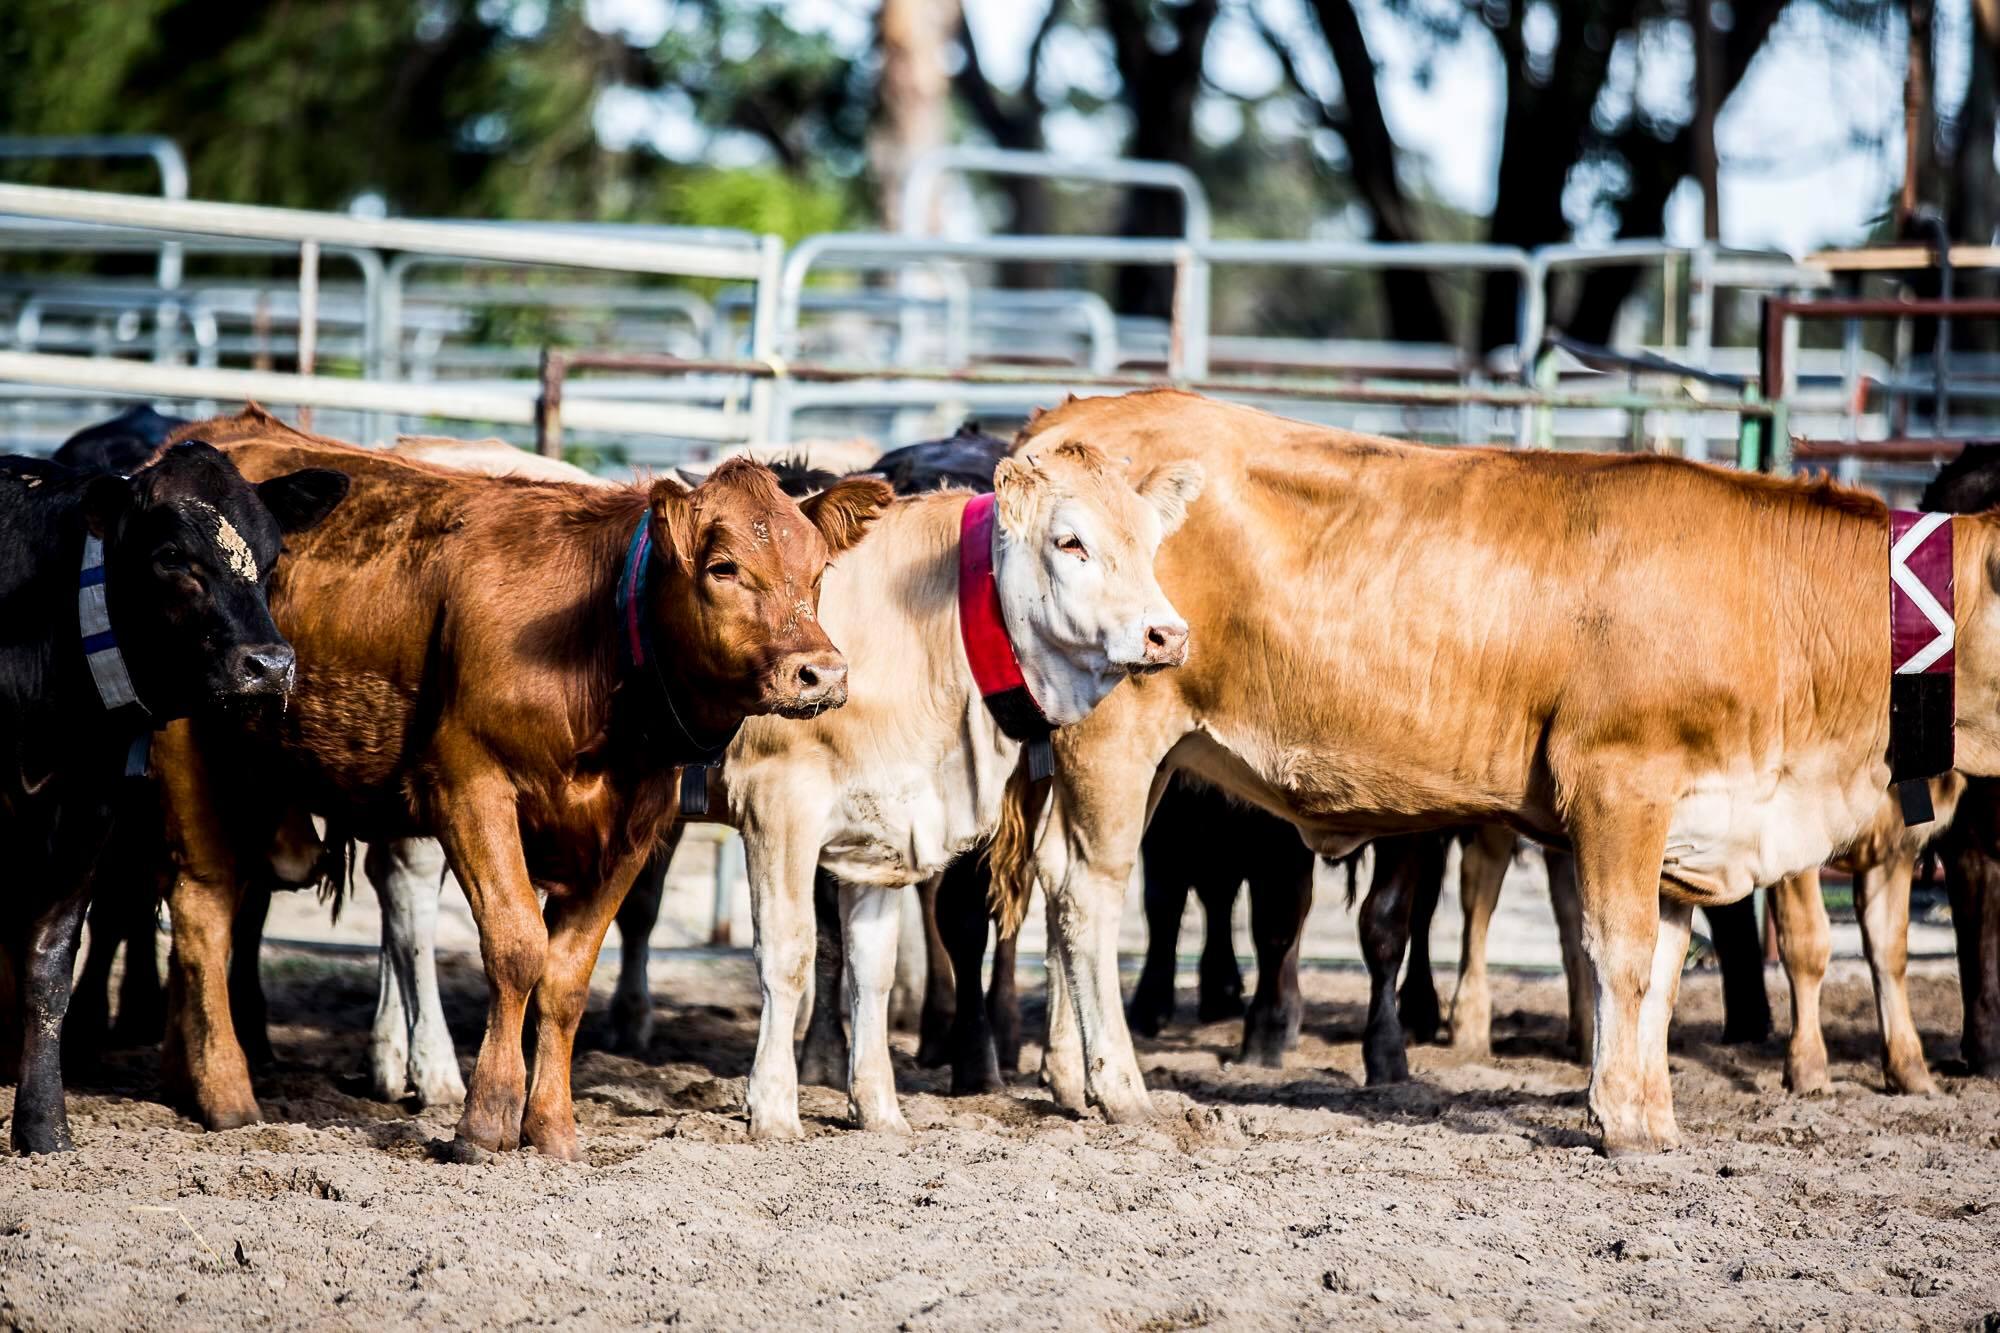 tp cows.jpg